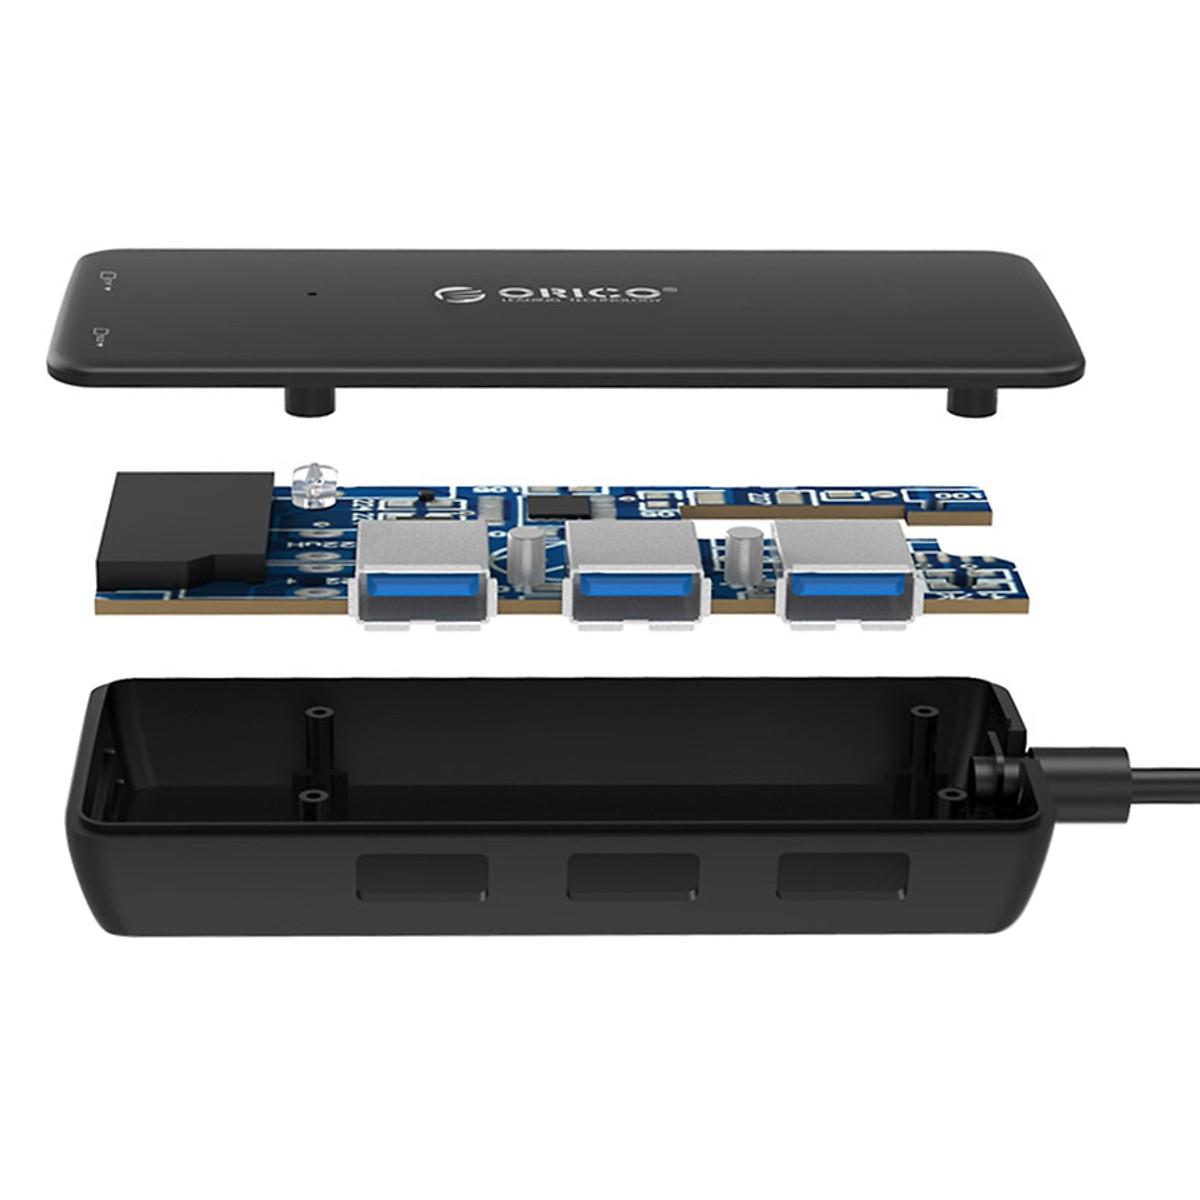 Hub USB 3.0 Orico 3 Cổng H3TS-U3 - Hàng Chính Hãng